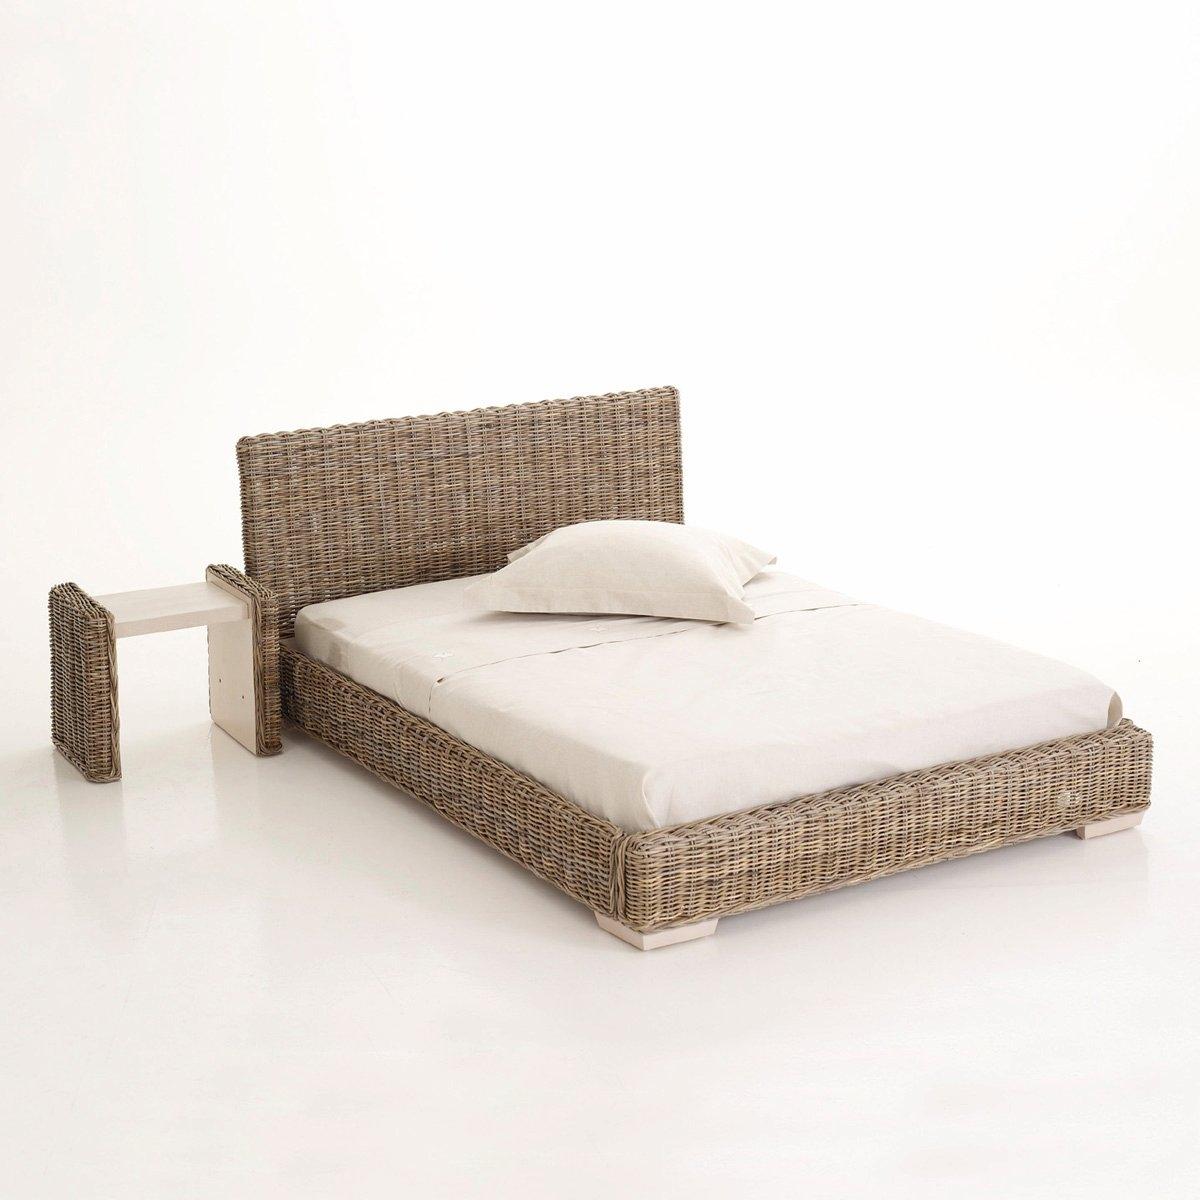 Кровать LaRedoute Из ротанга кубу 2 размера Derry 160 x 200 см серый